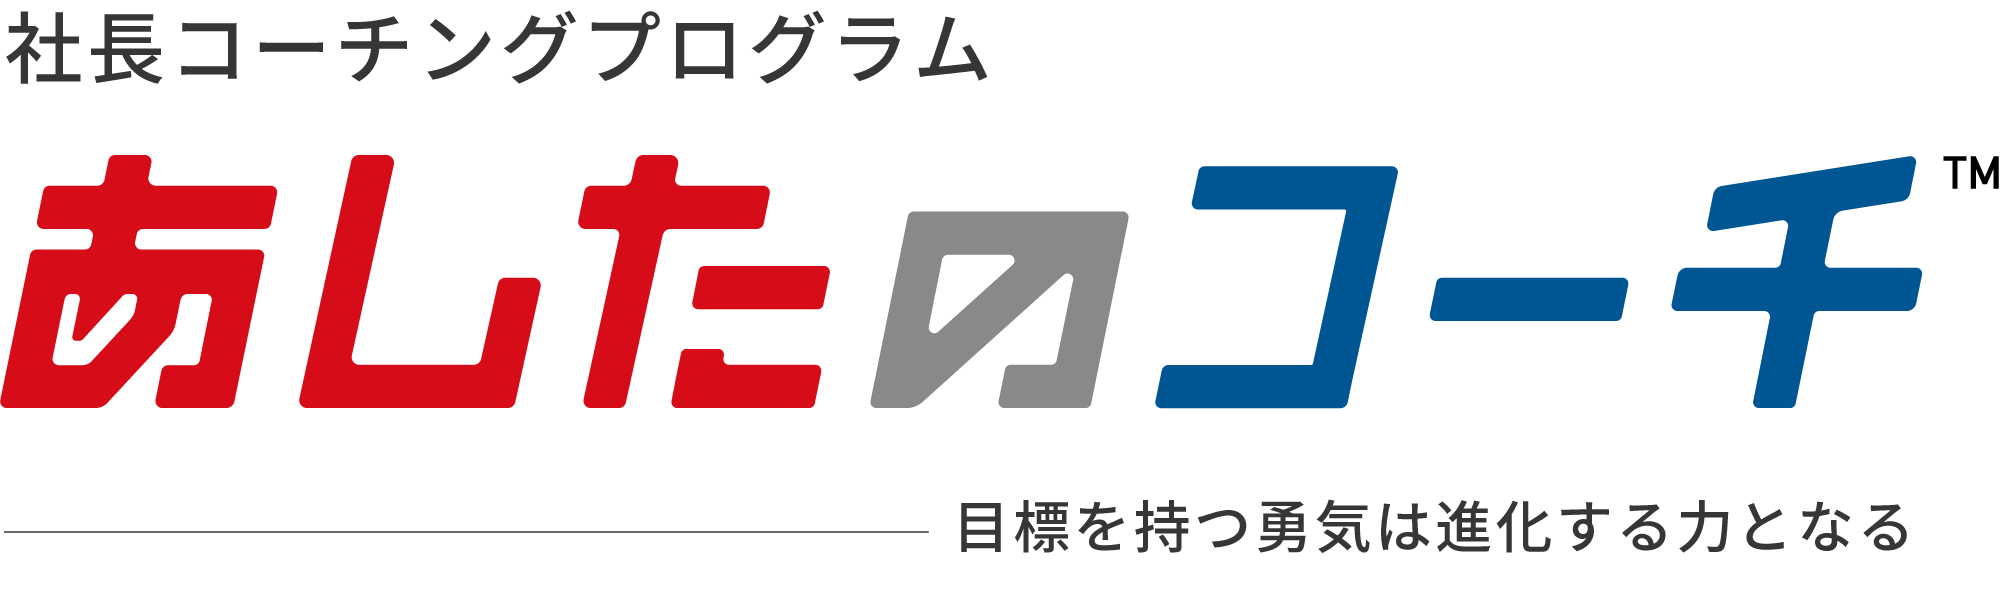 経営者限定勉強会/懇親会 高橋人事塾